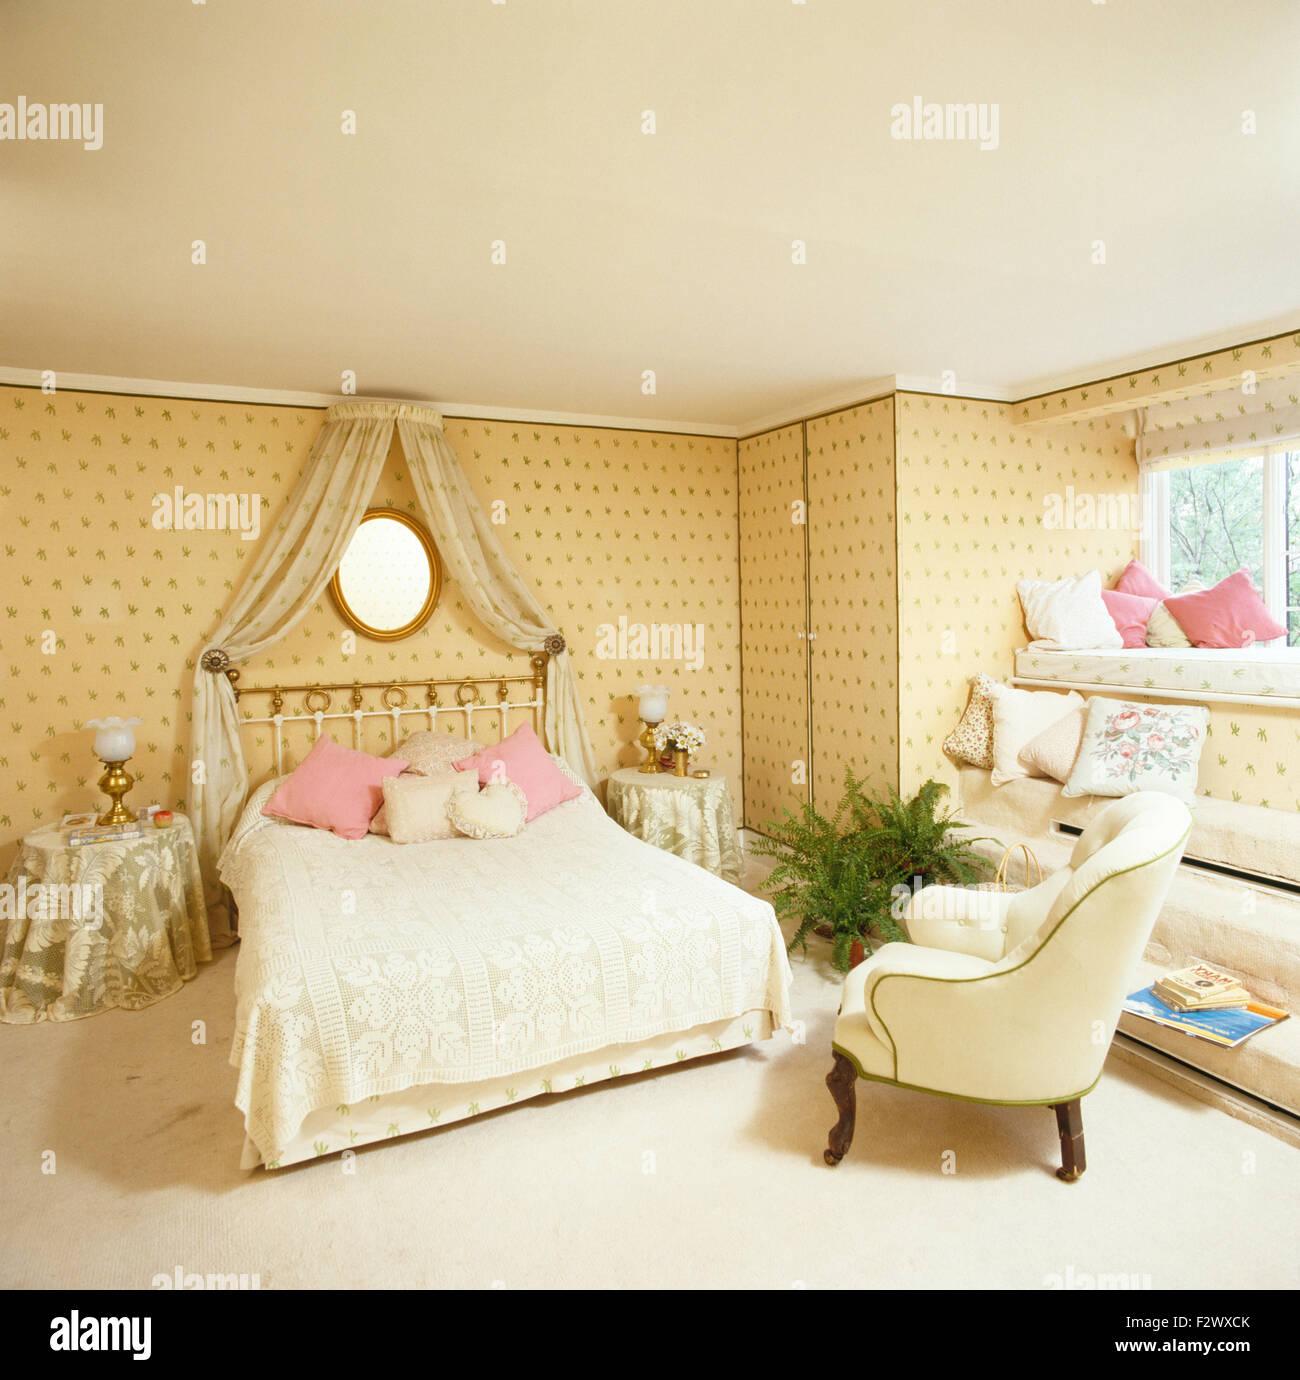 Image Result For Download Patterned Wallpaper For Bedrooms